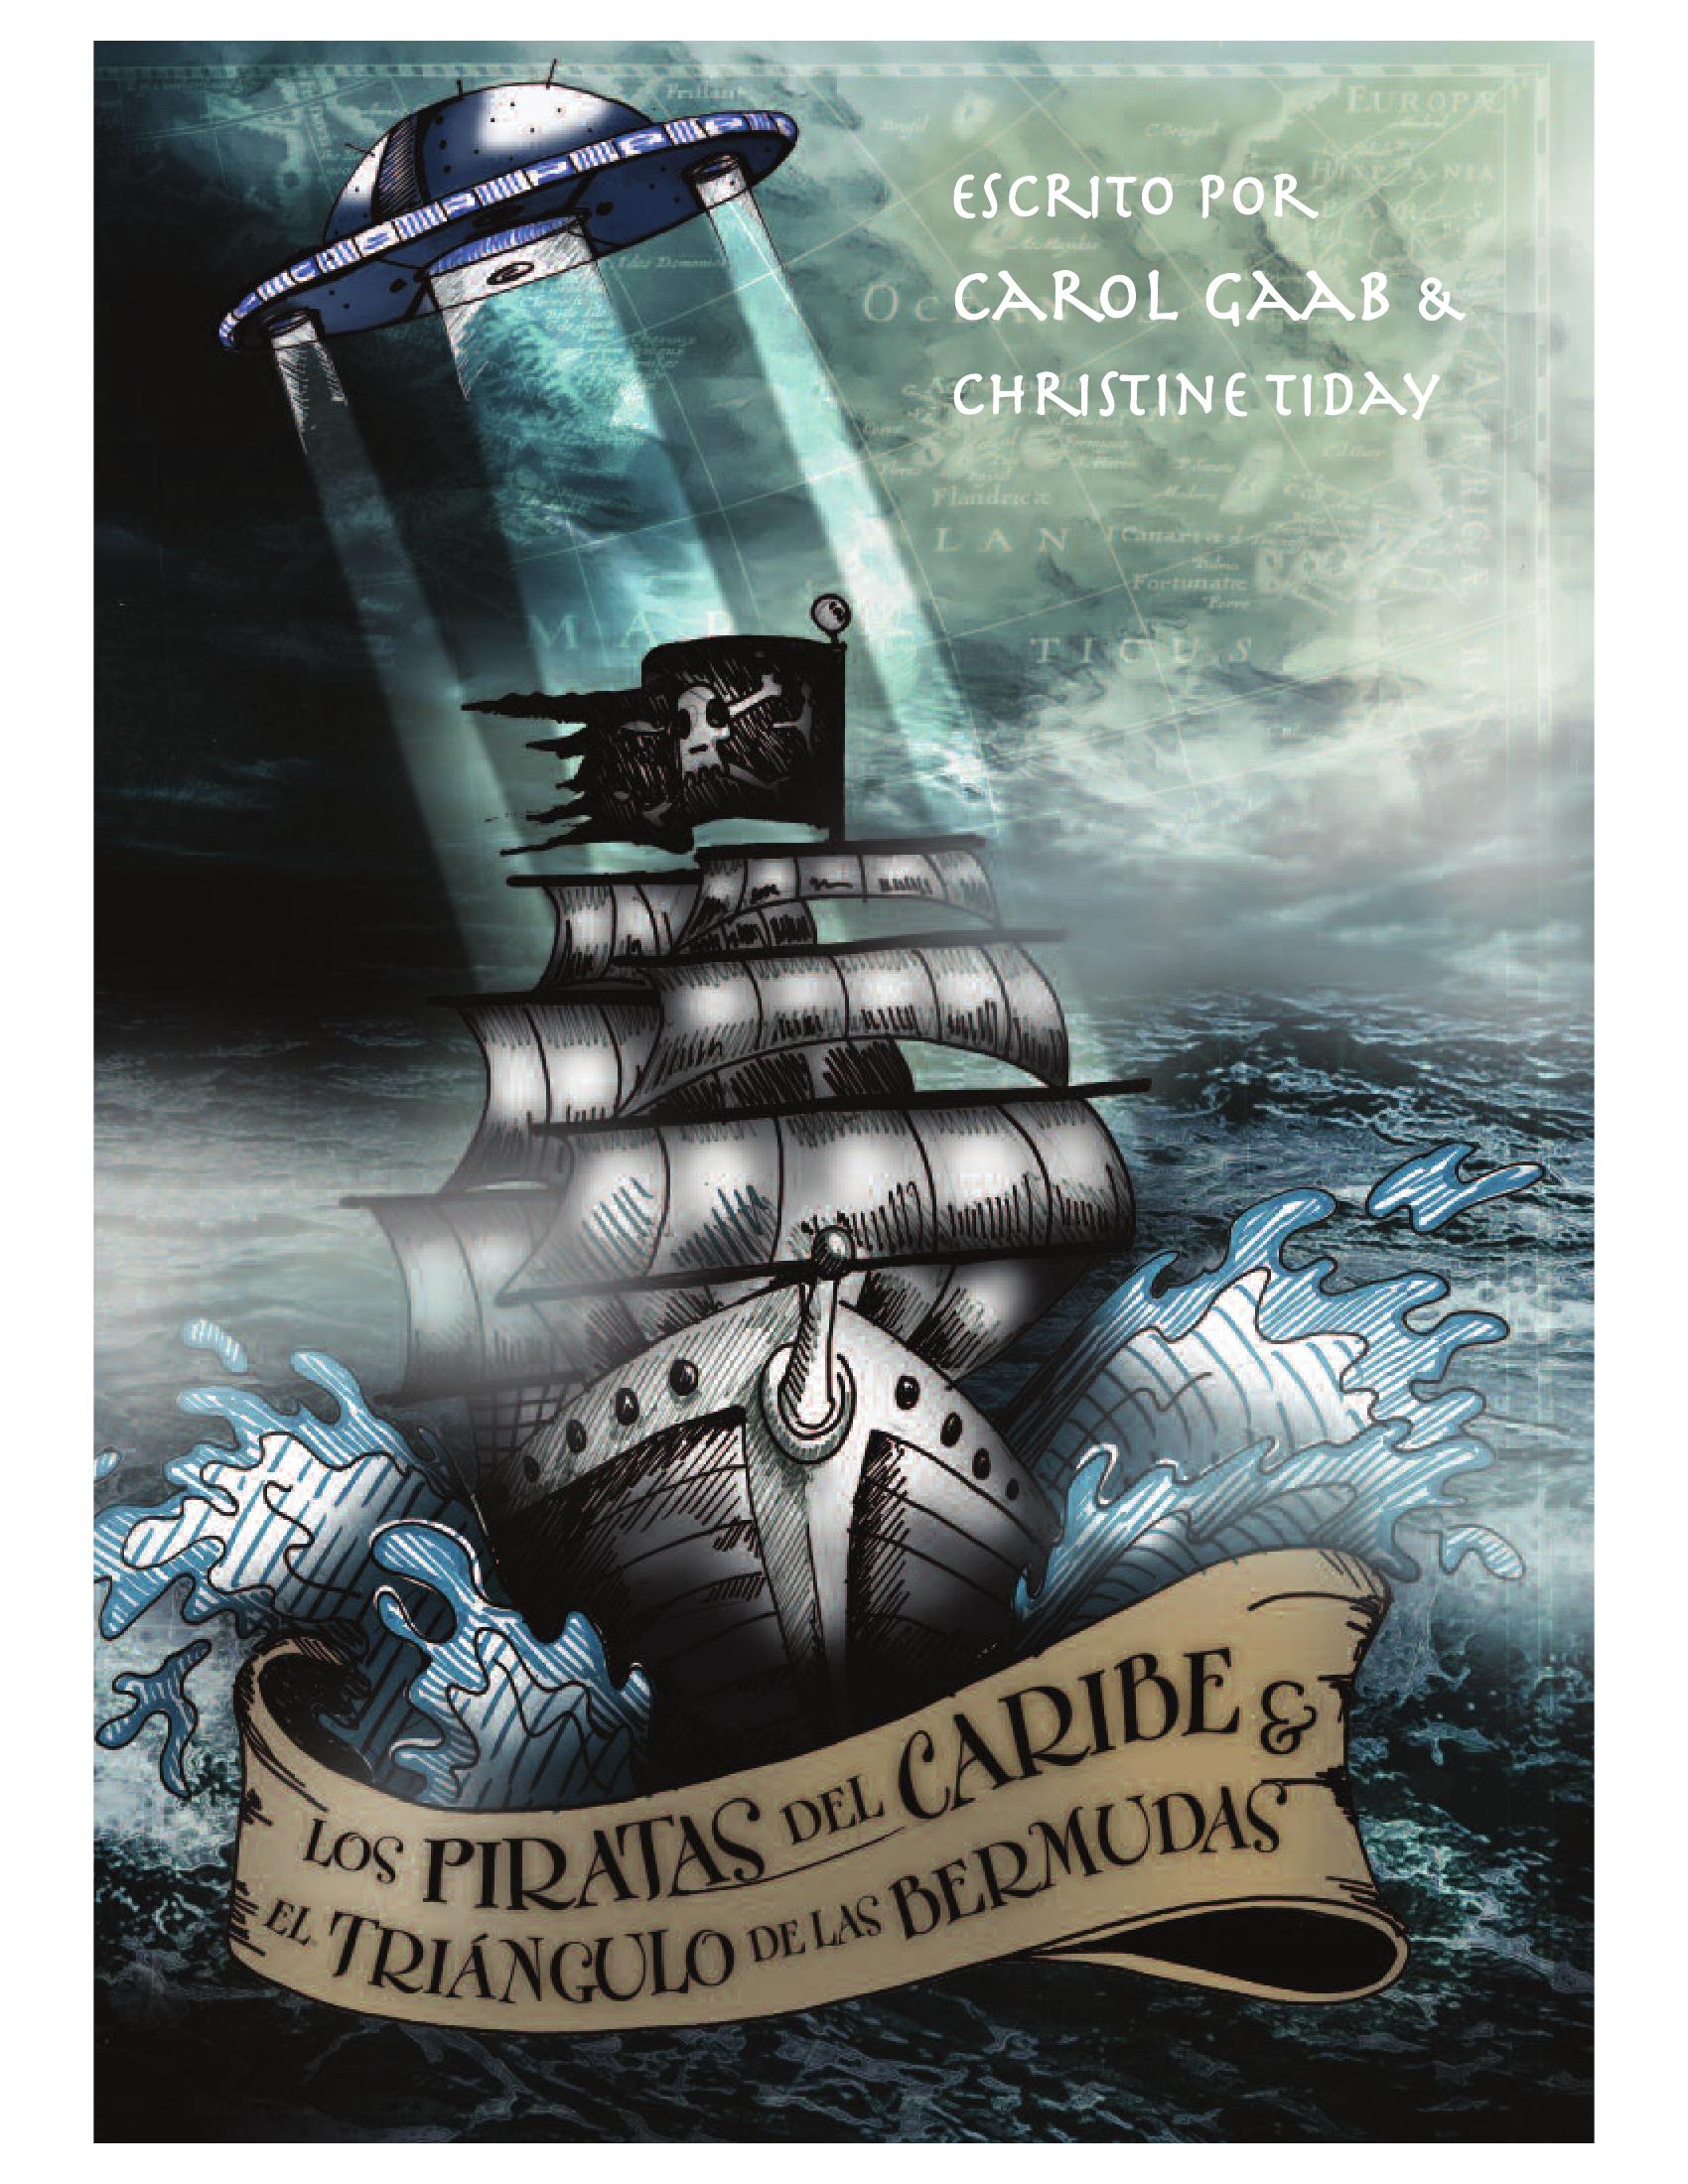 Piratas del Caribe y el Triángulo de las Bermudas E-course (Premium 9-month Class Subscription)